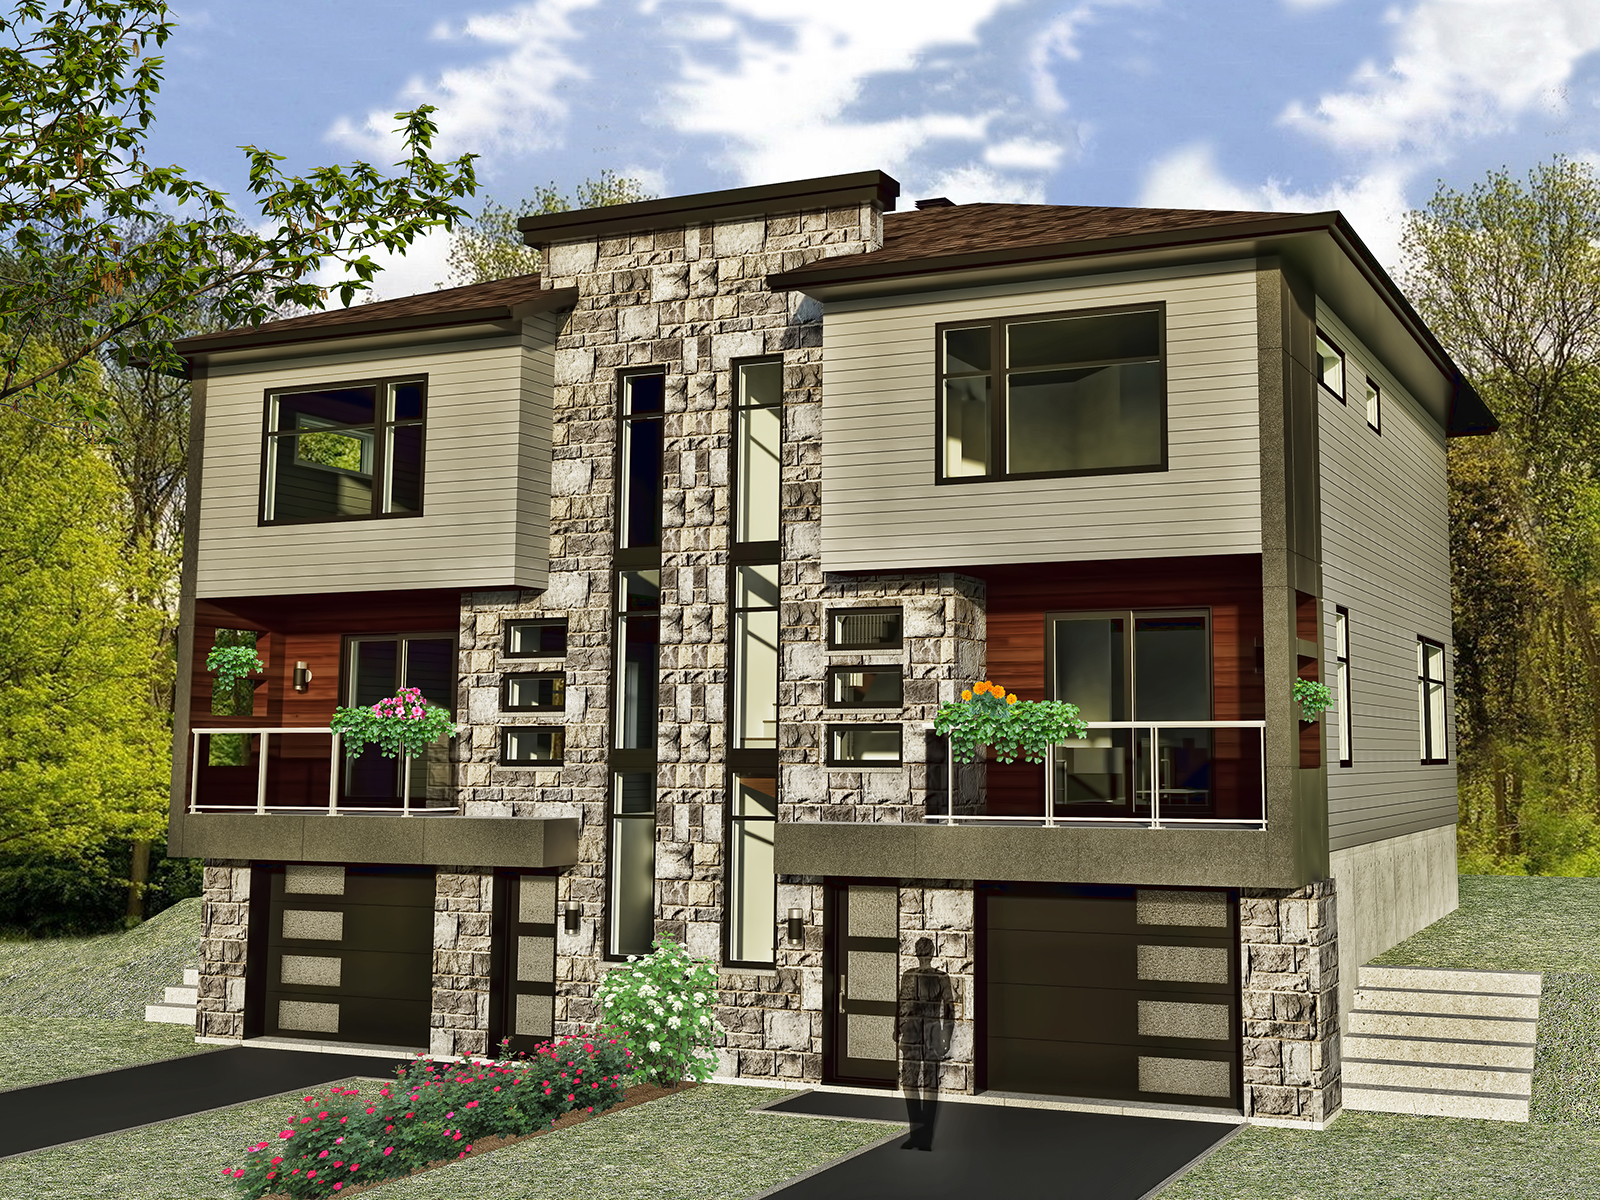 Jumel 2 tages avec garage construire l vis mod le j for Modeles de maison a construire